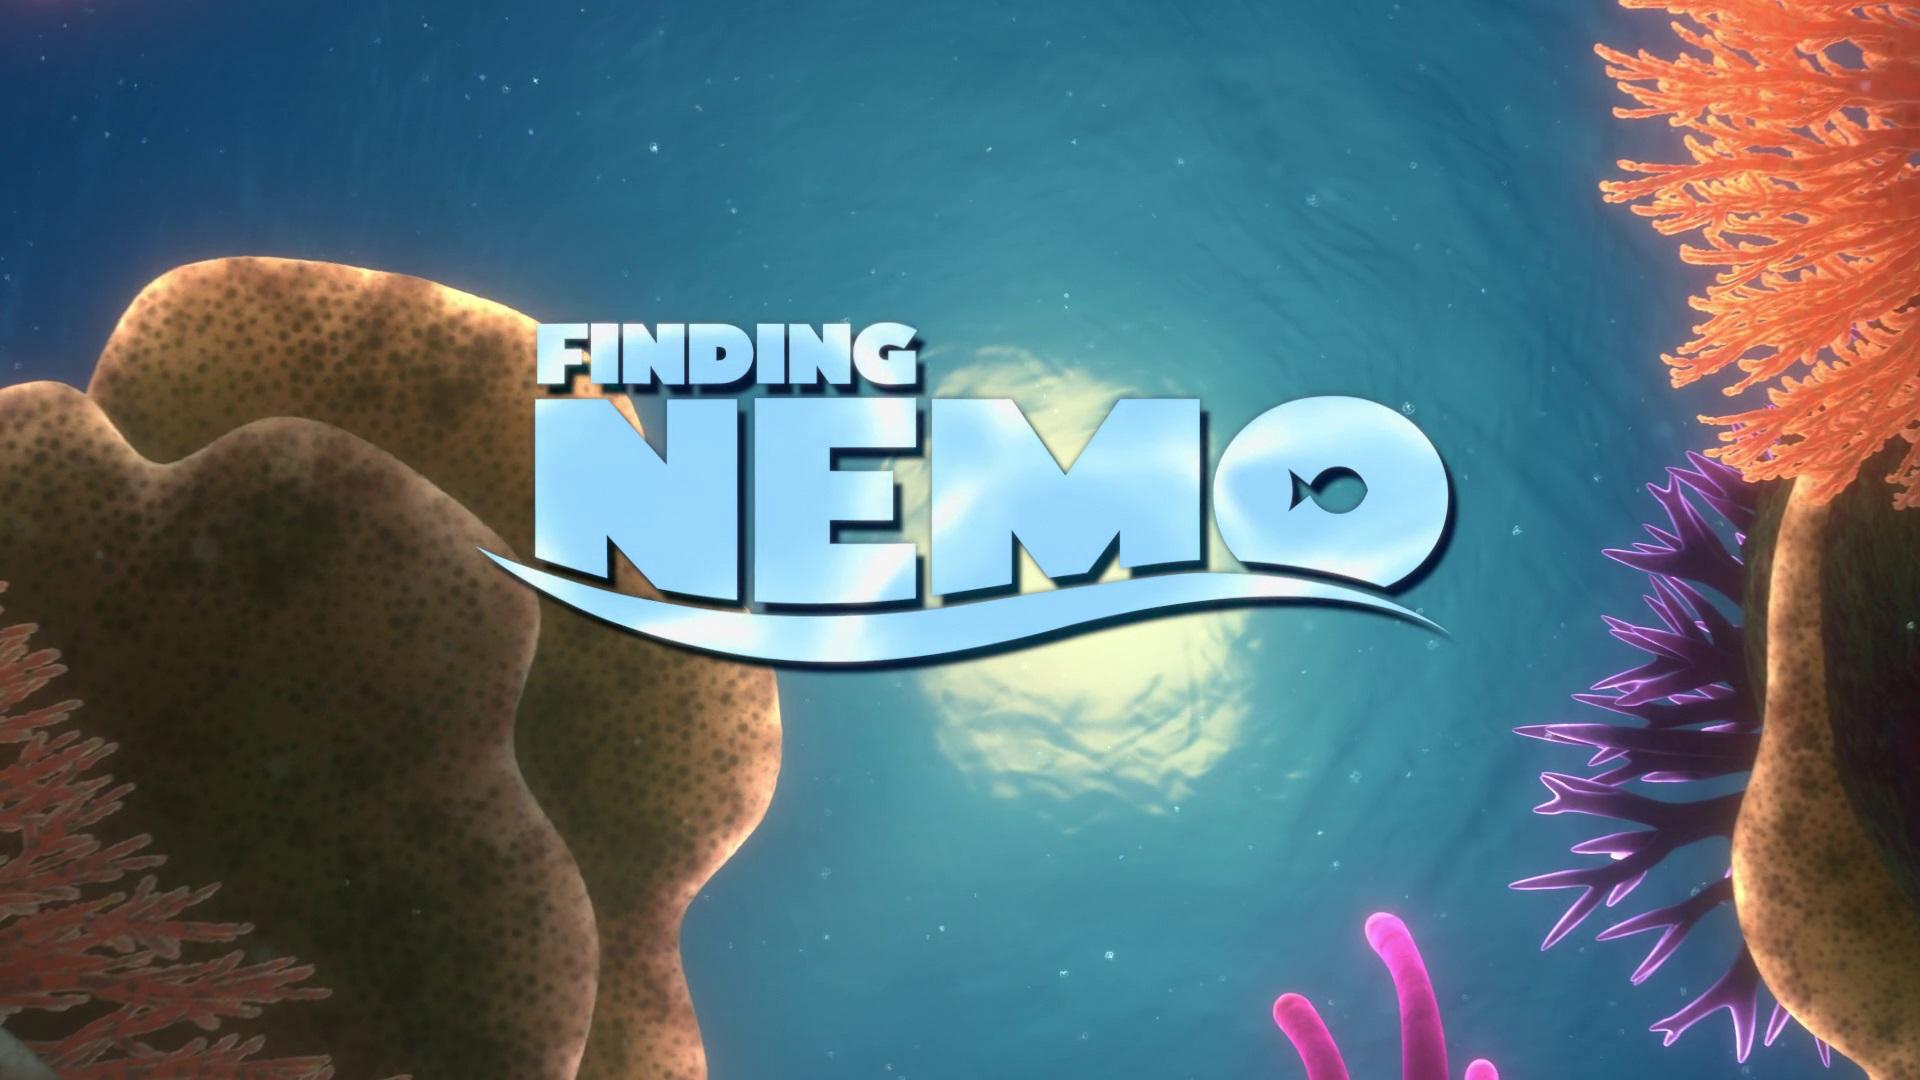 Finding Nemo | Pixar Wiki | FANDOM powered by Wikia